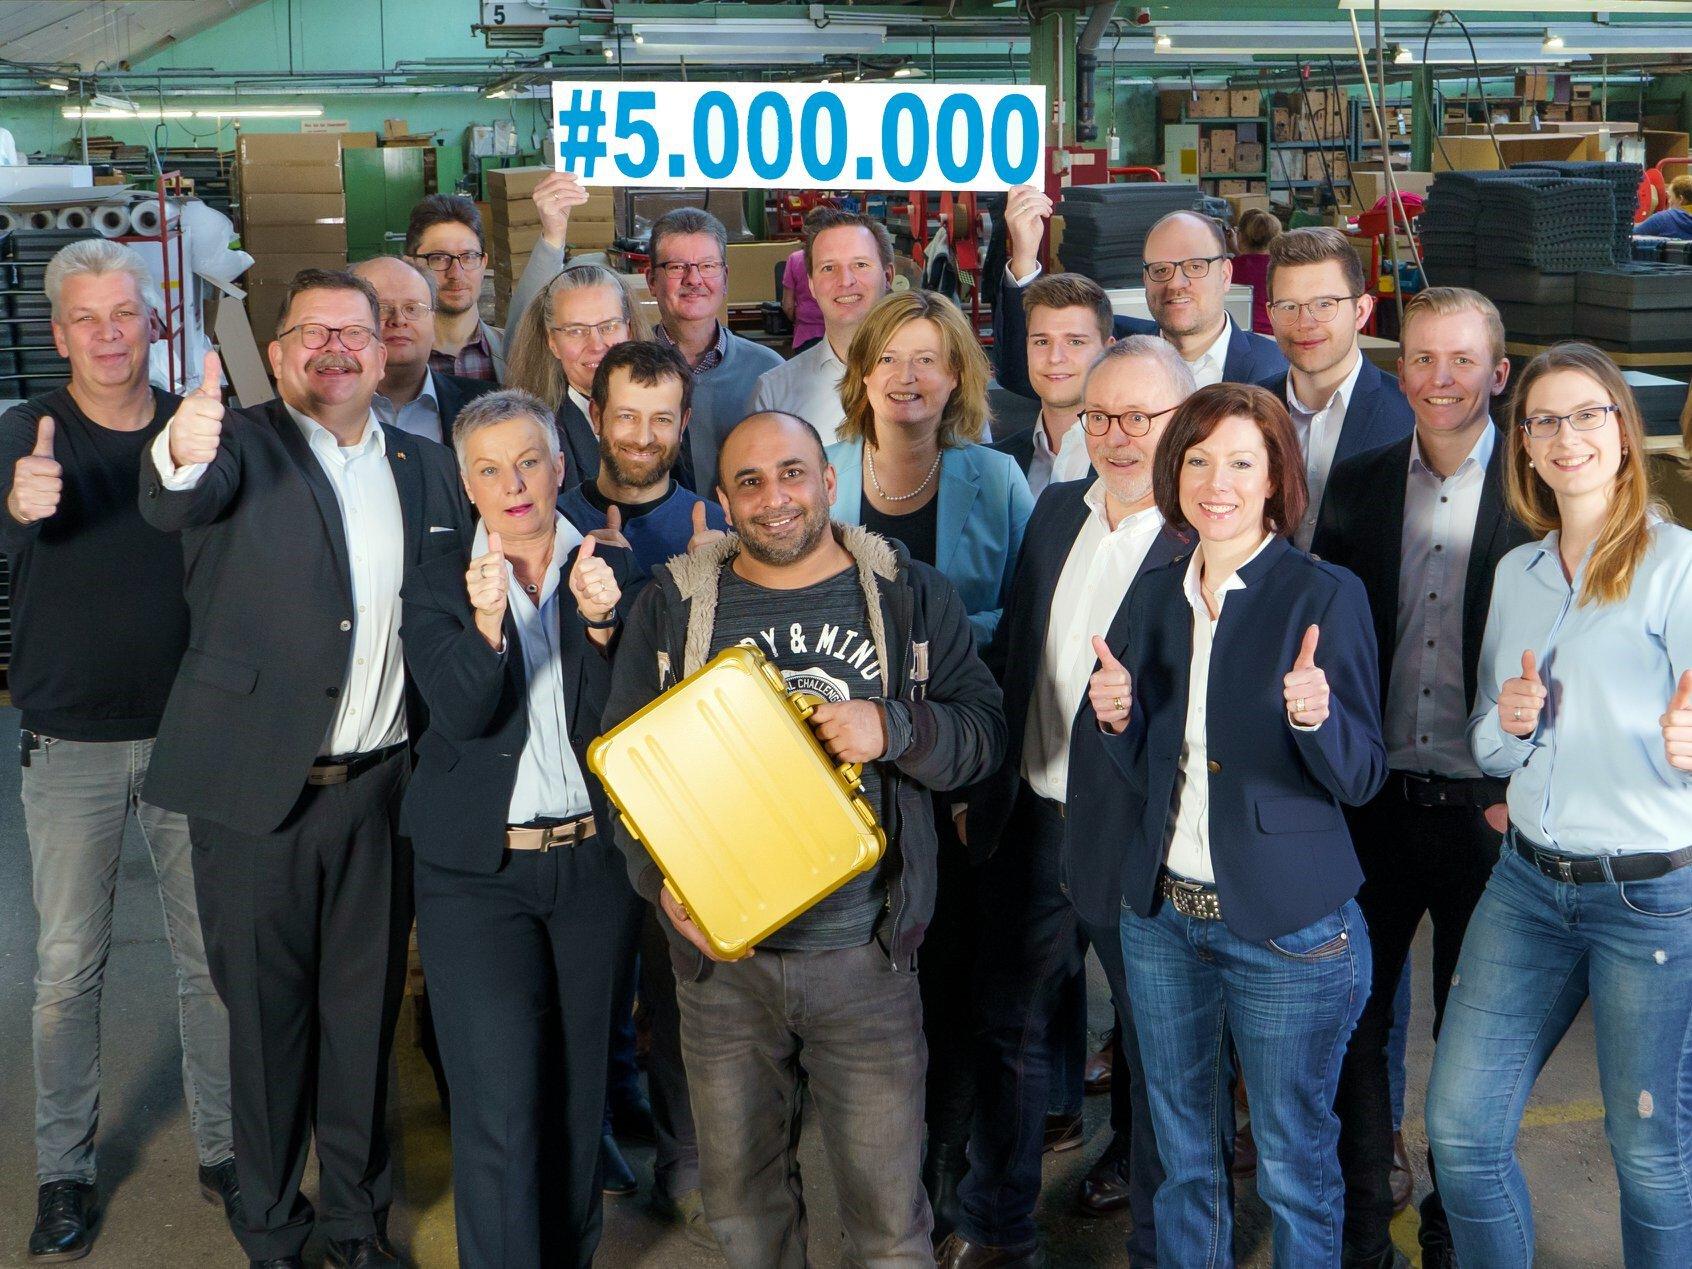 bwh Koffer Jubiläum - 5 Millionen Koffer